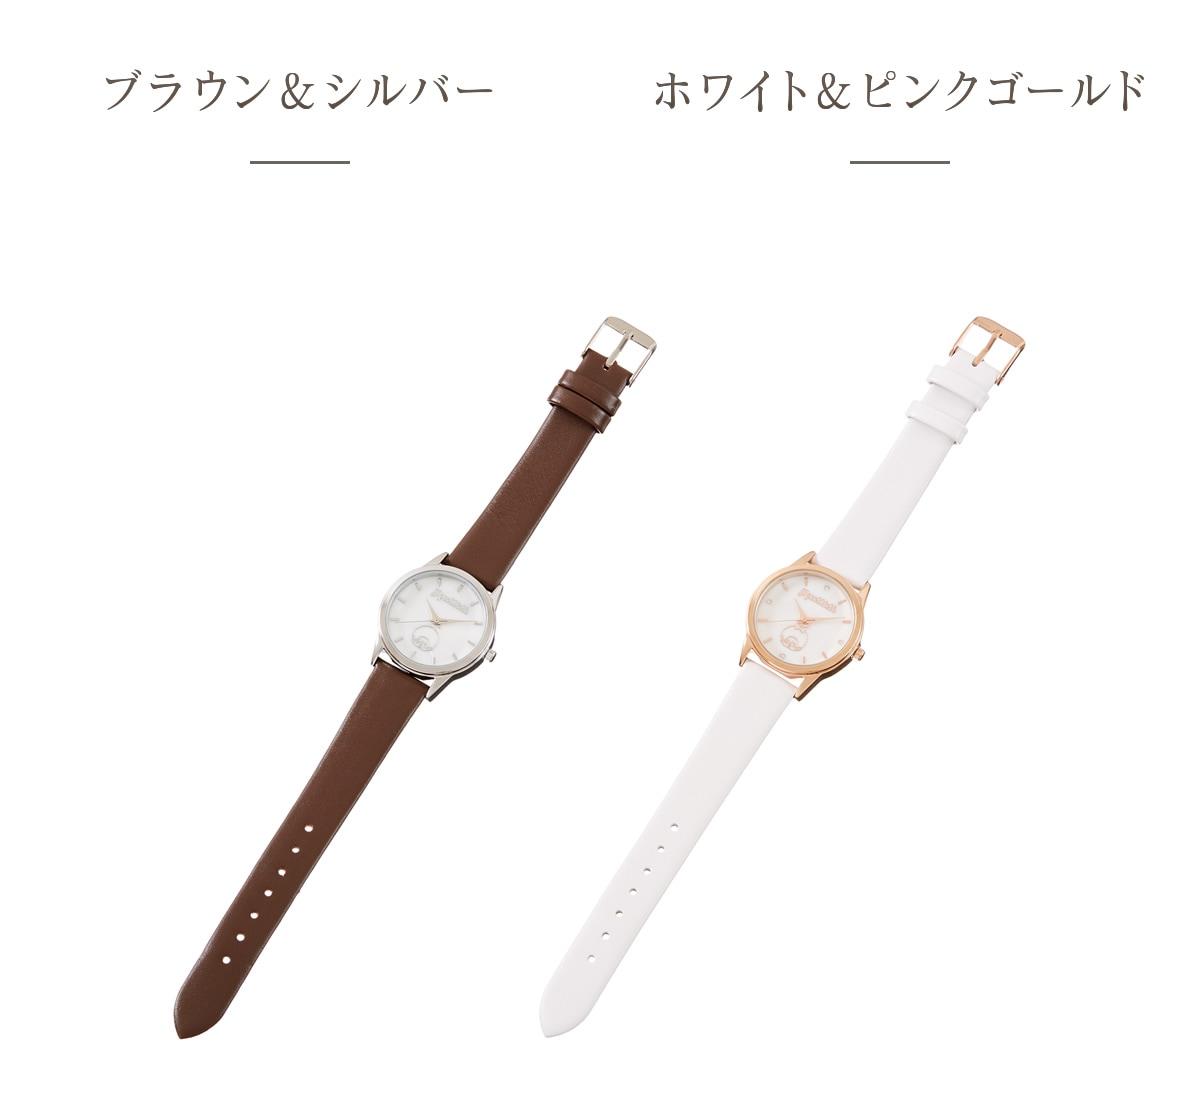 モンチッチくん 腕時計セット 3